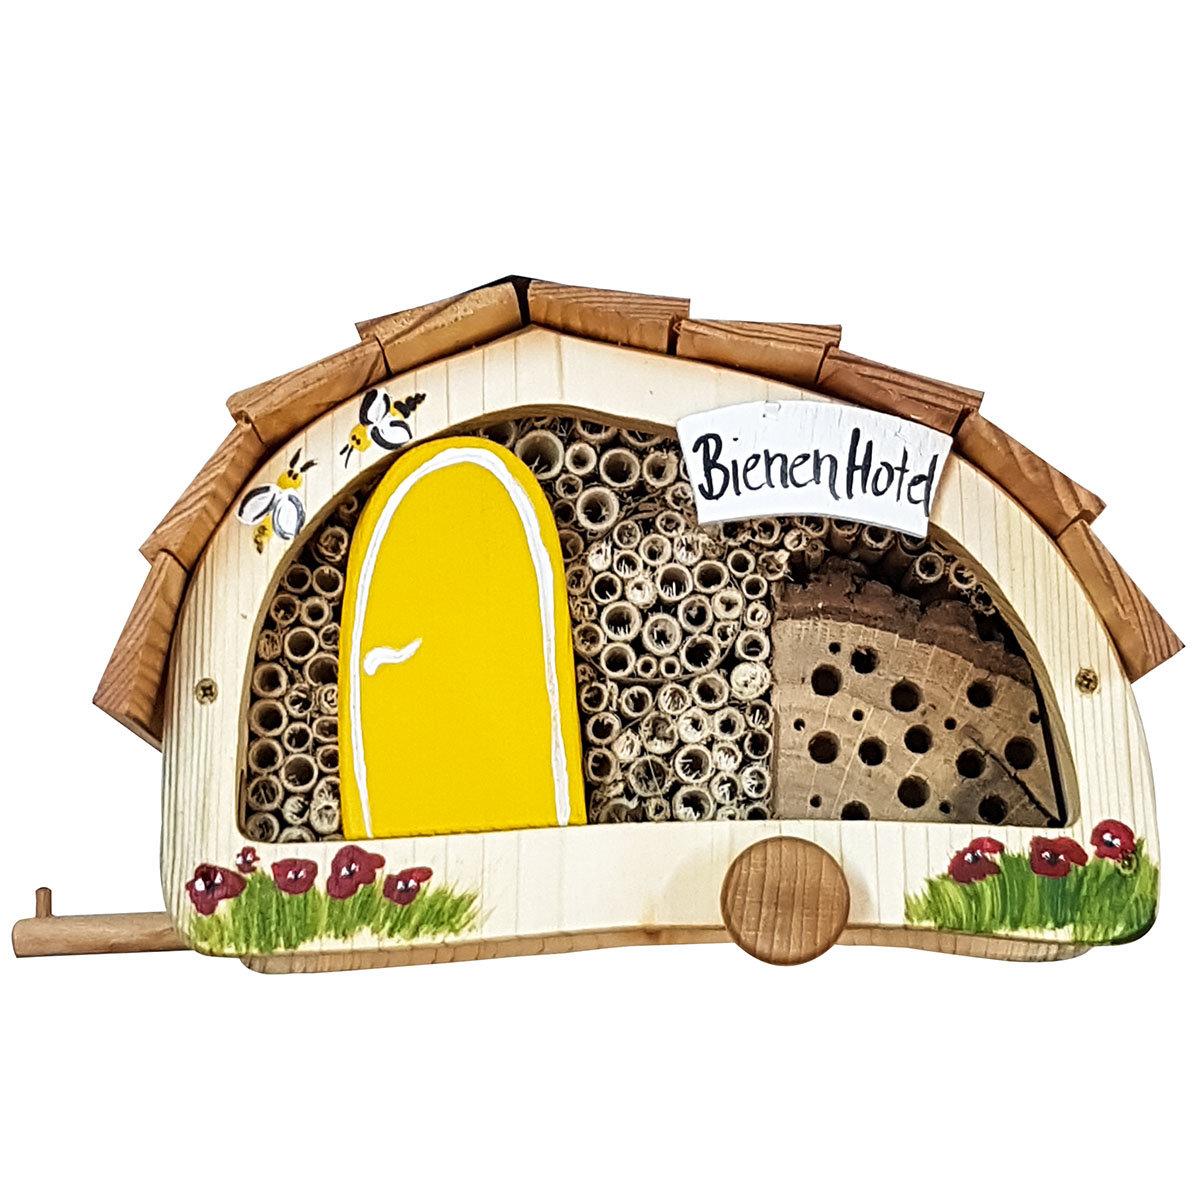 Bienenhotel Campingwagen | #2